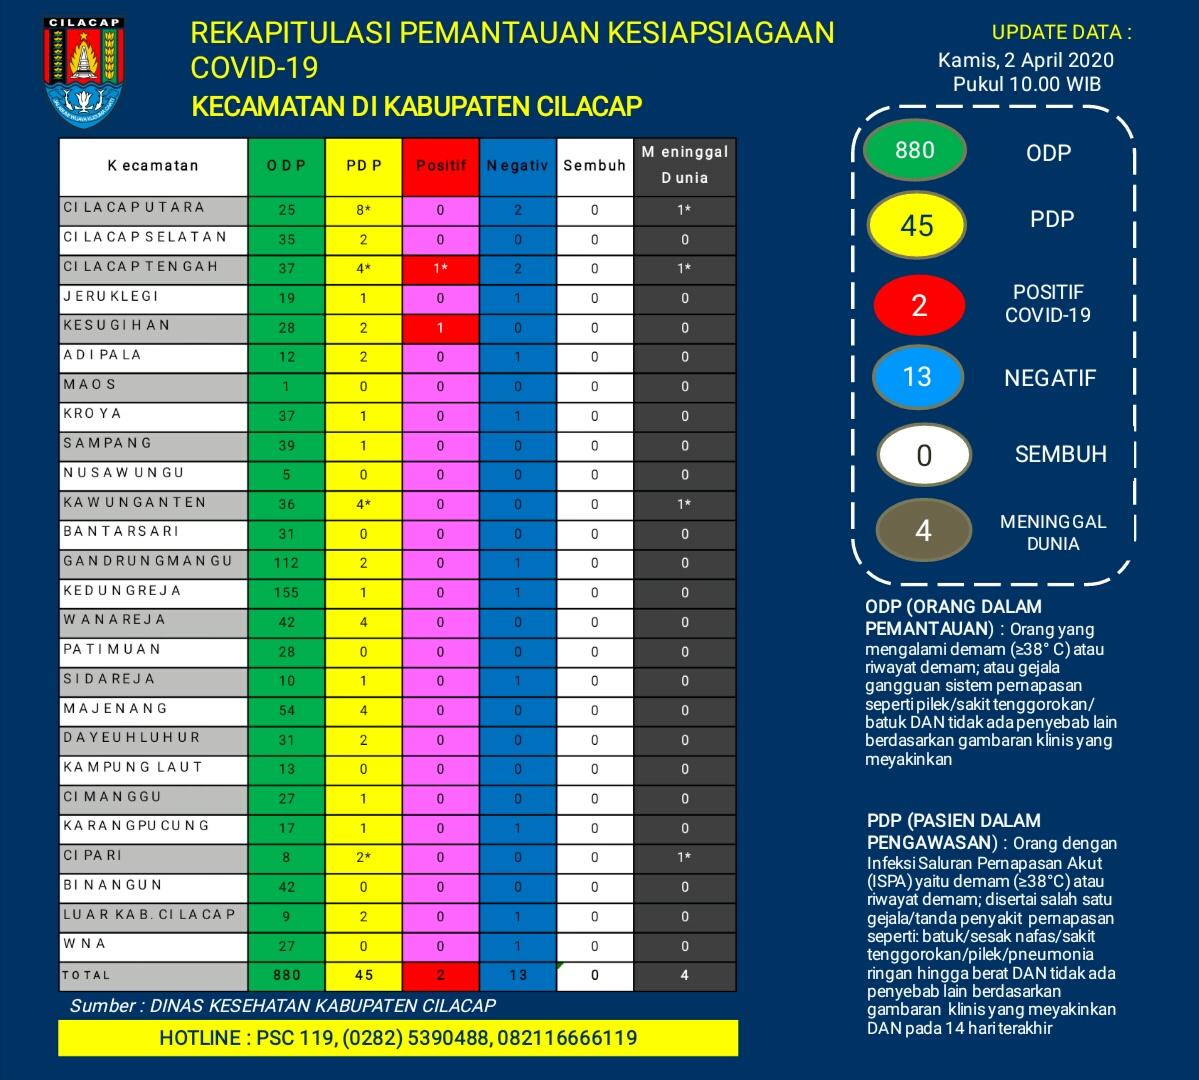 Rekapitulasi Pemantauan Kesiapsiagaan COVID-19 Kecamatan di Kabupaten Cilacap, 2 April 2020